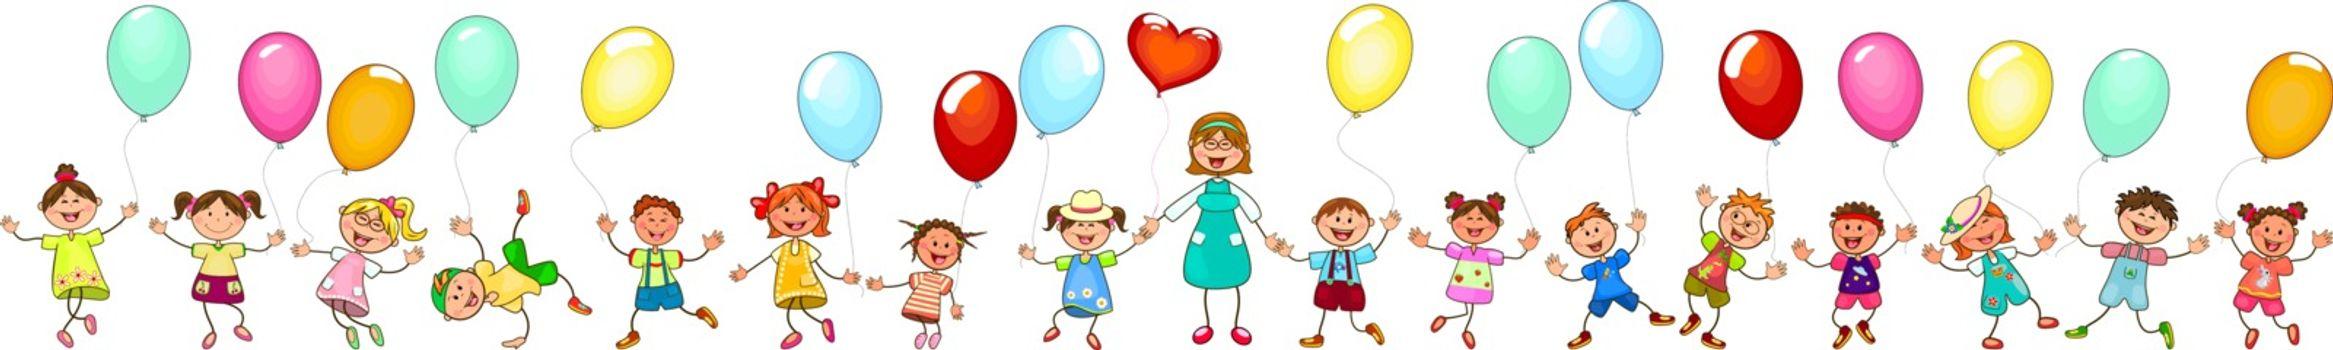 Joyful little children and a teacher. A group of happy, smiling children with balloons. A group of children with a teacher on a walk. Group of cheerful, smiling children on a white background. Cartoon joyful children.